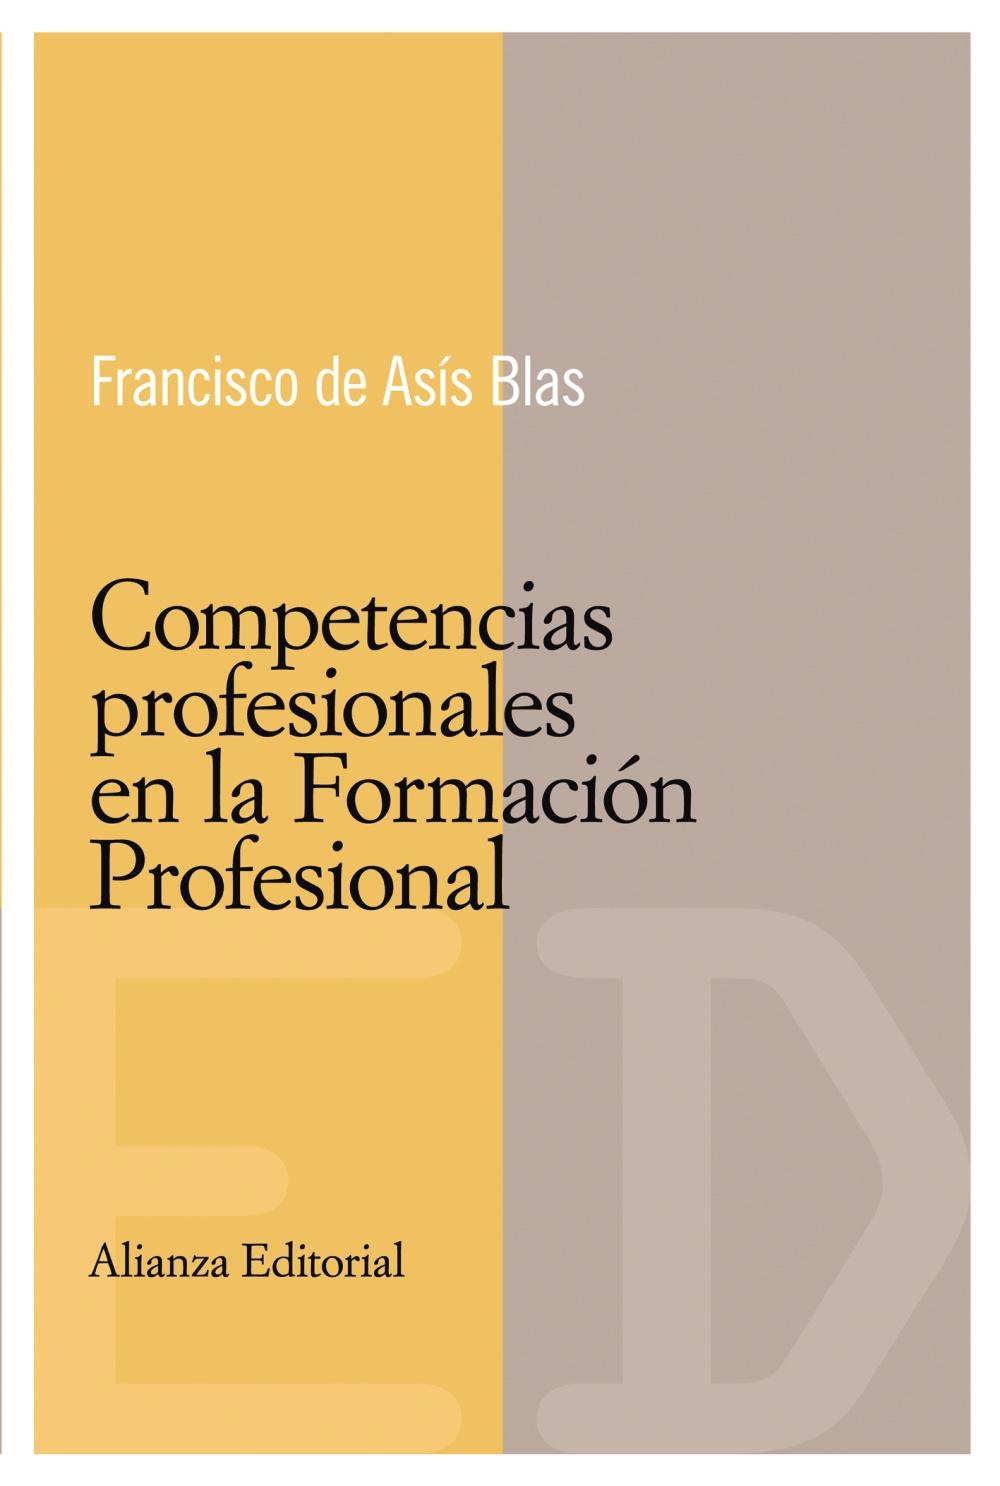 Competencias Profesionales En La Formacion Profesional por Francisco De Asis Blas